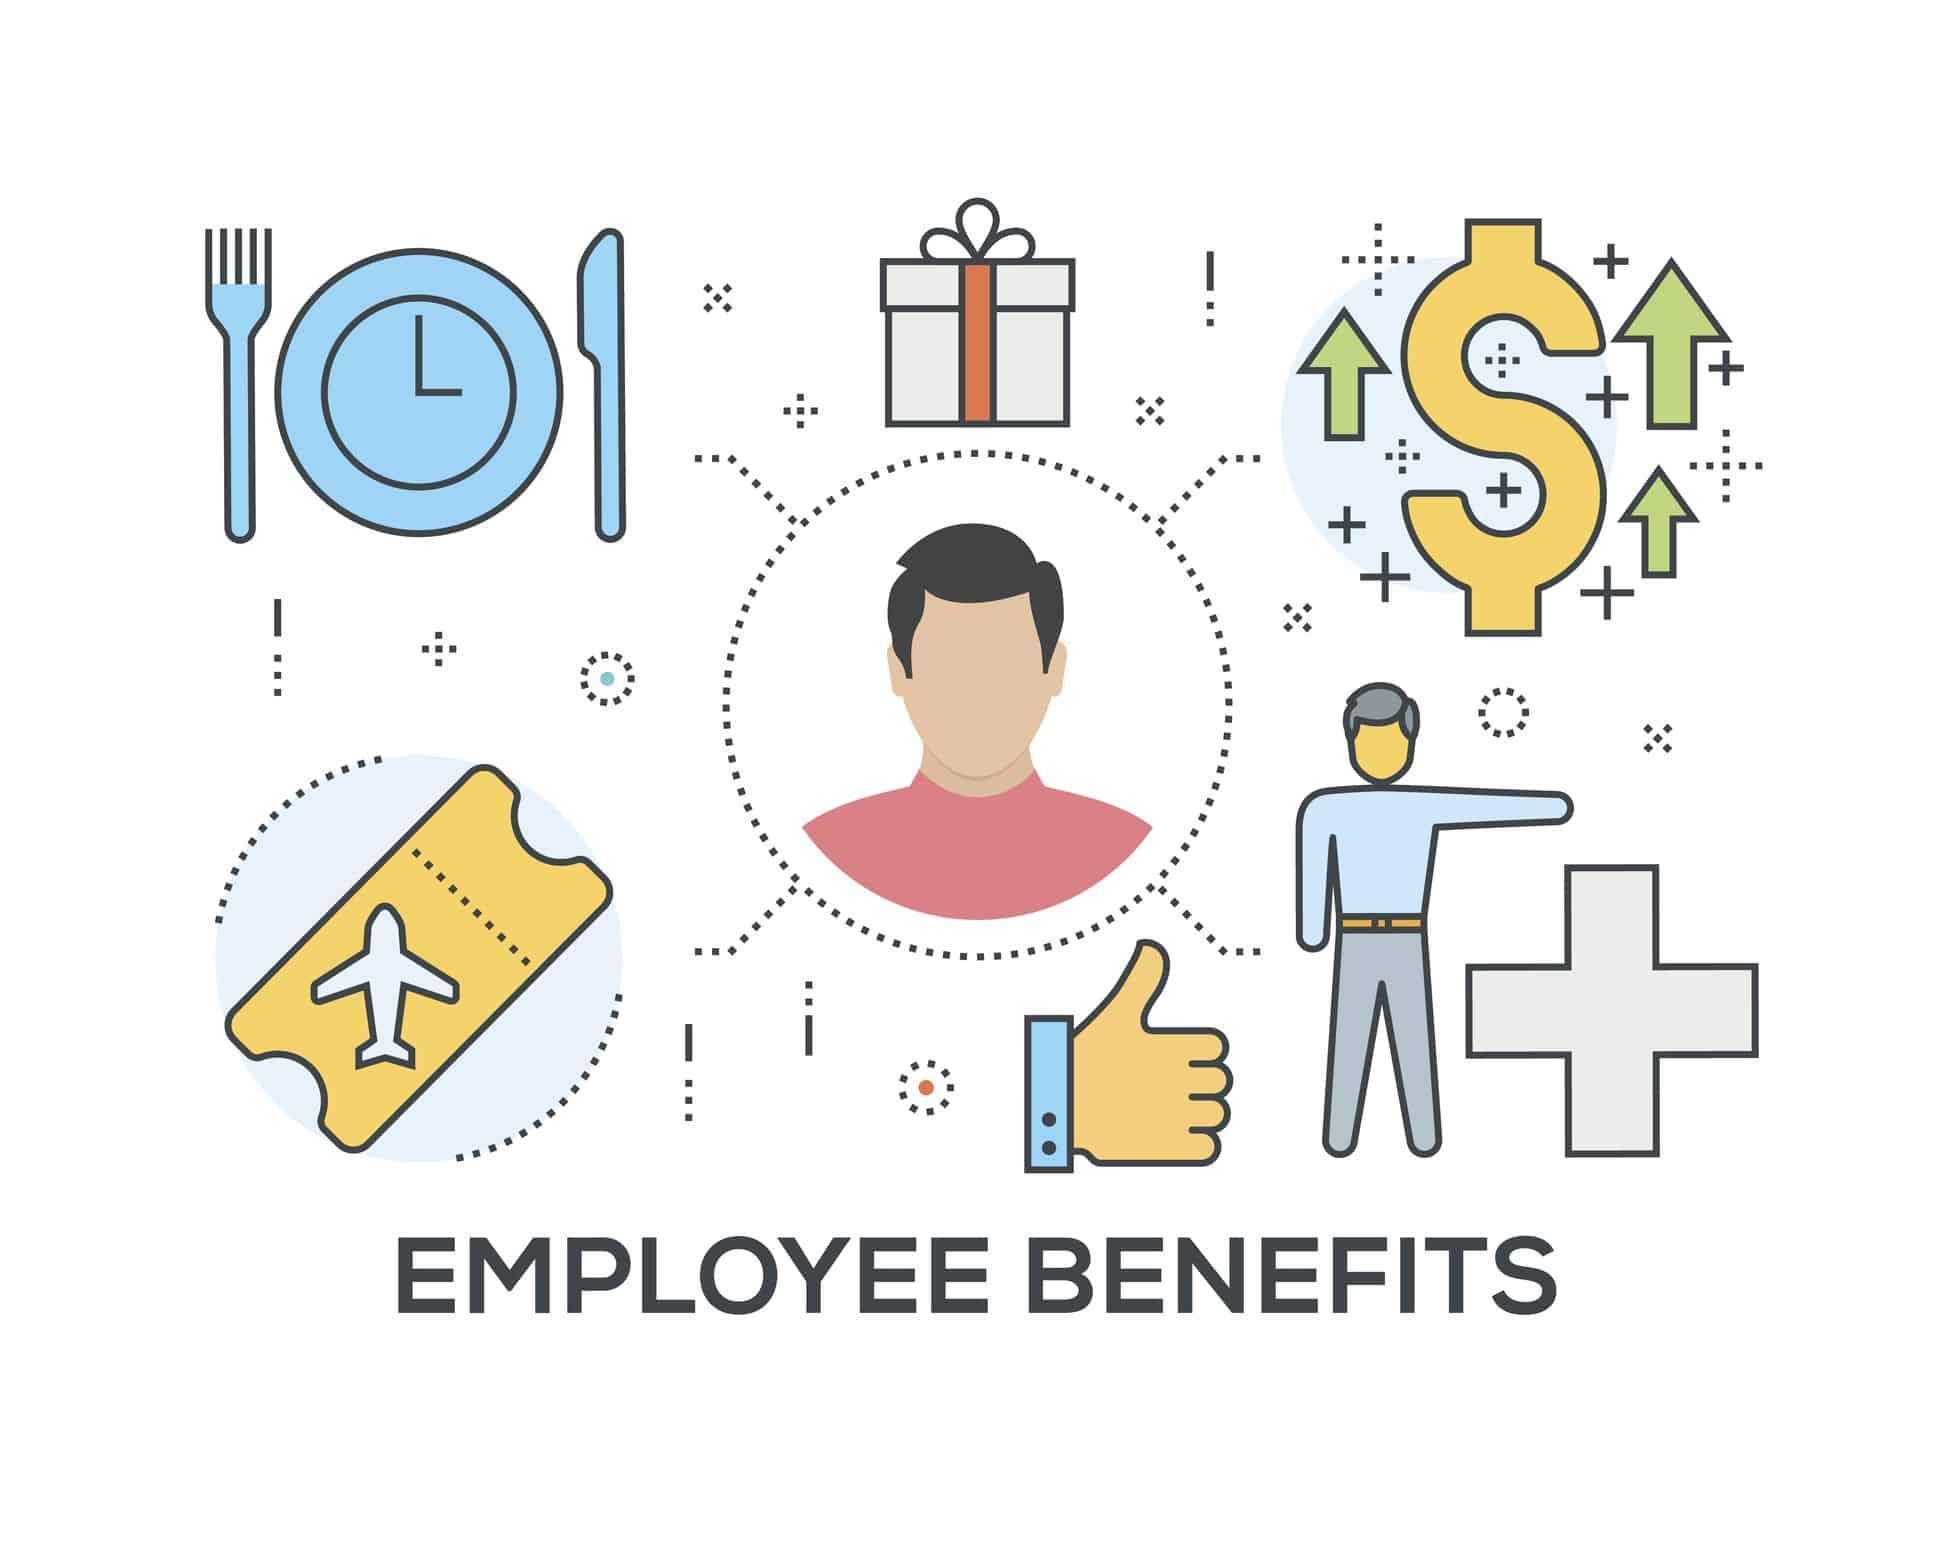 Boeing Employee Benefits